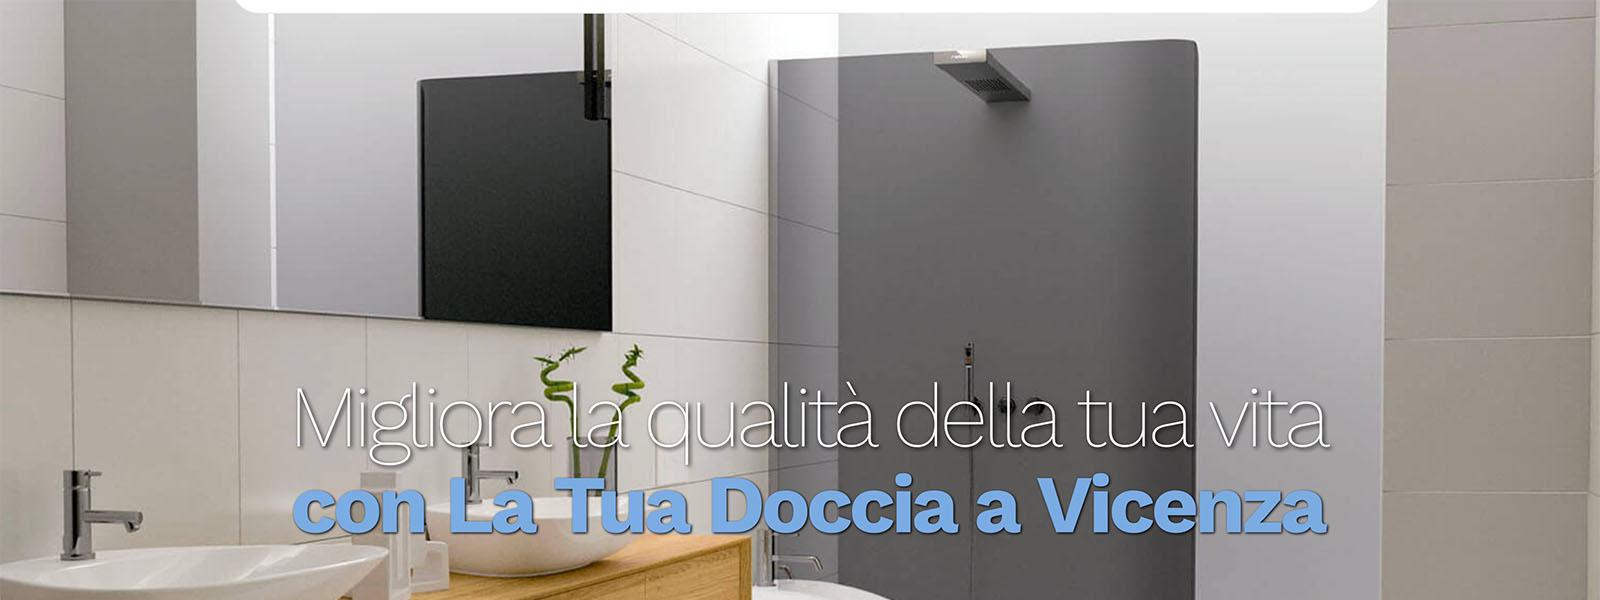 Sito Web La Tua Doccia Vicenza